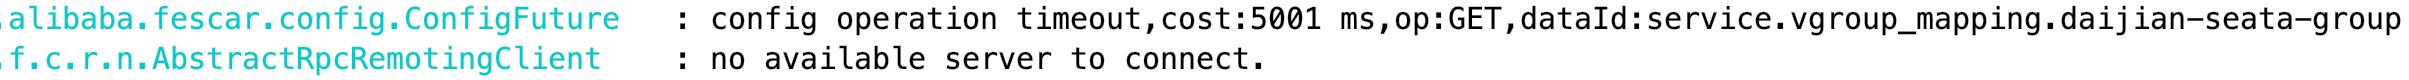 解决Seata(Fescar) Server无法连接的Bug,no available server to connect,netty TooLongFrameException